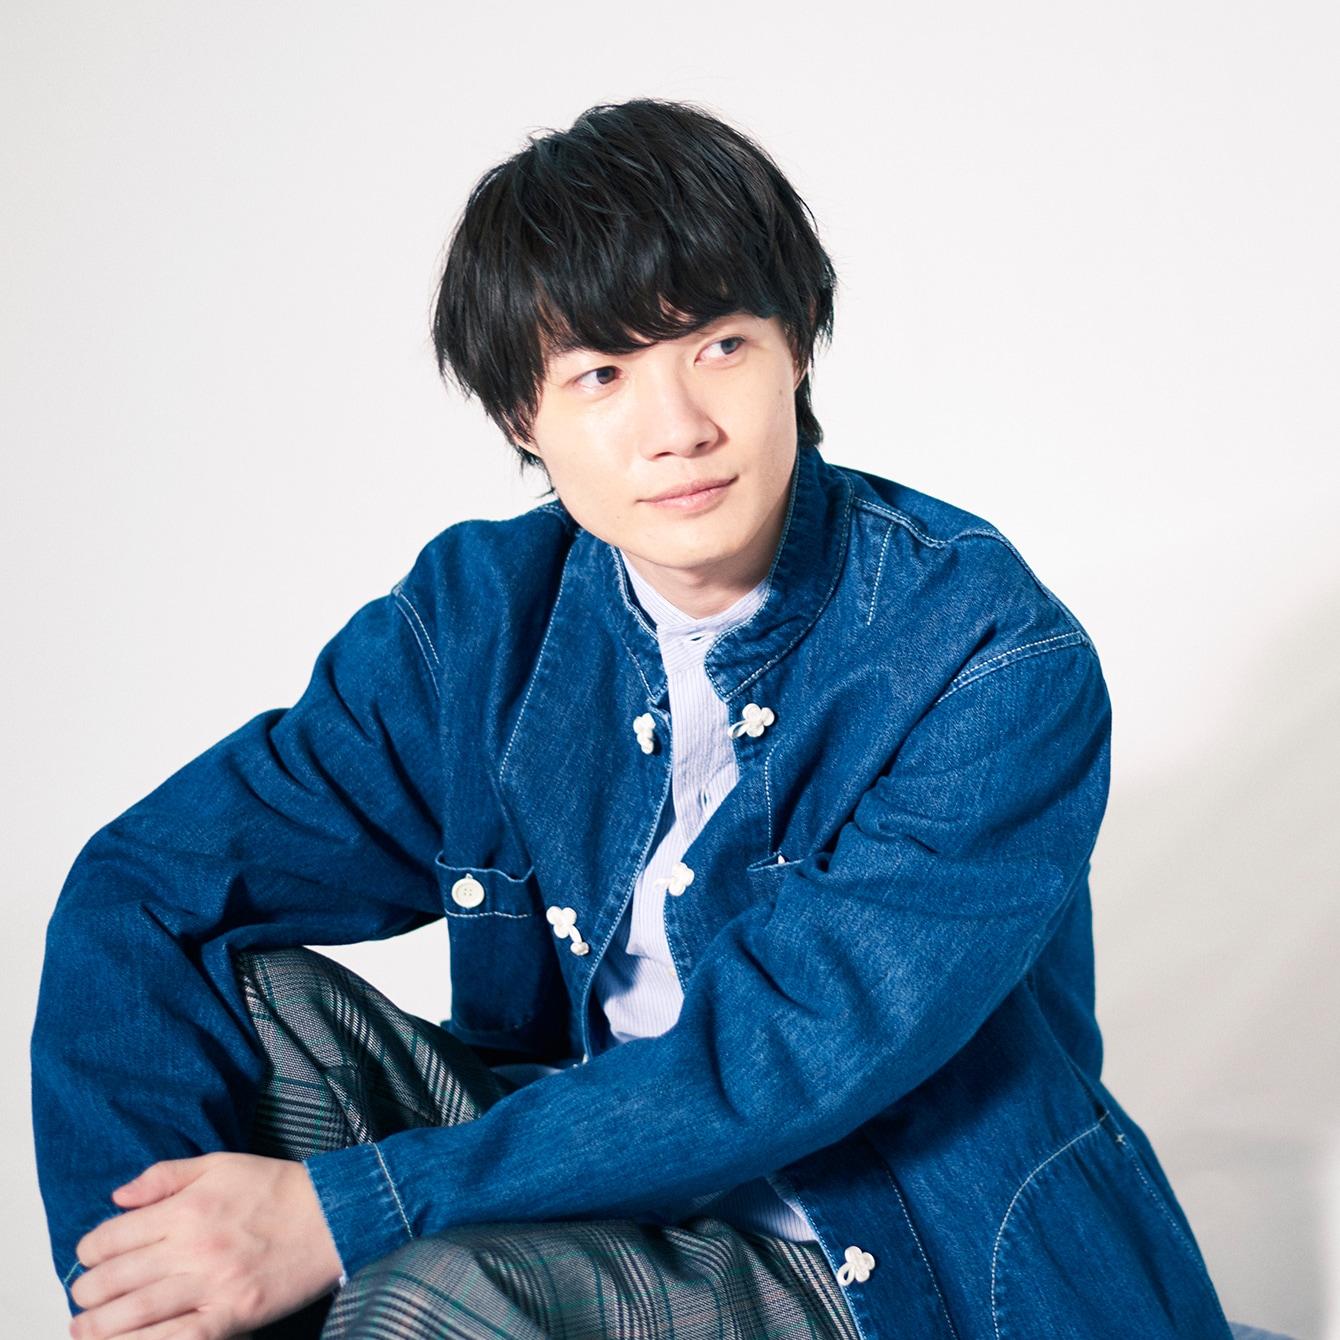 【神木隆之介】26歳、揺れるにはちょうどいい年齢。キャリアがあるから疑問も出てくる